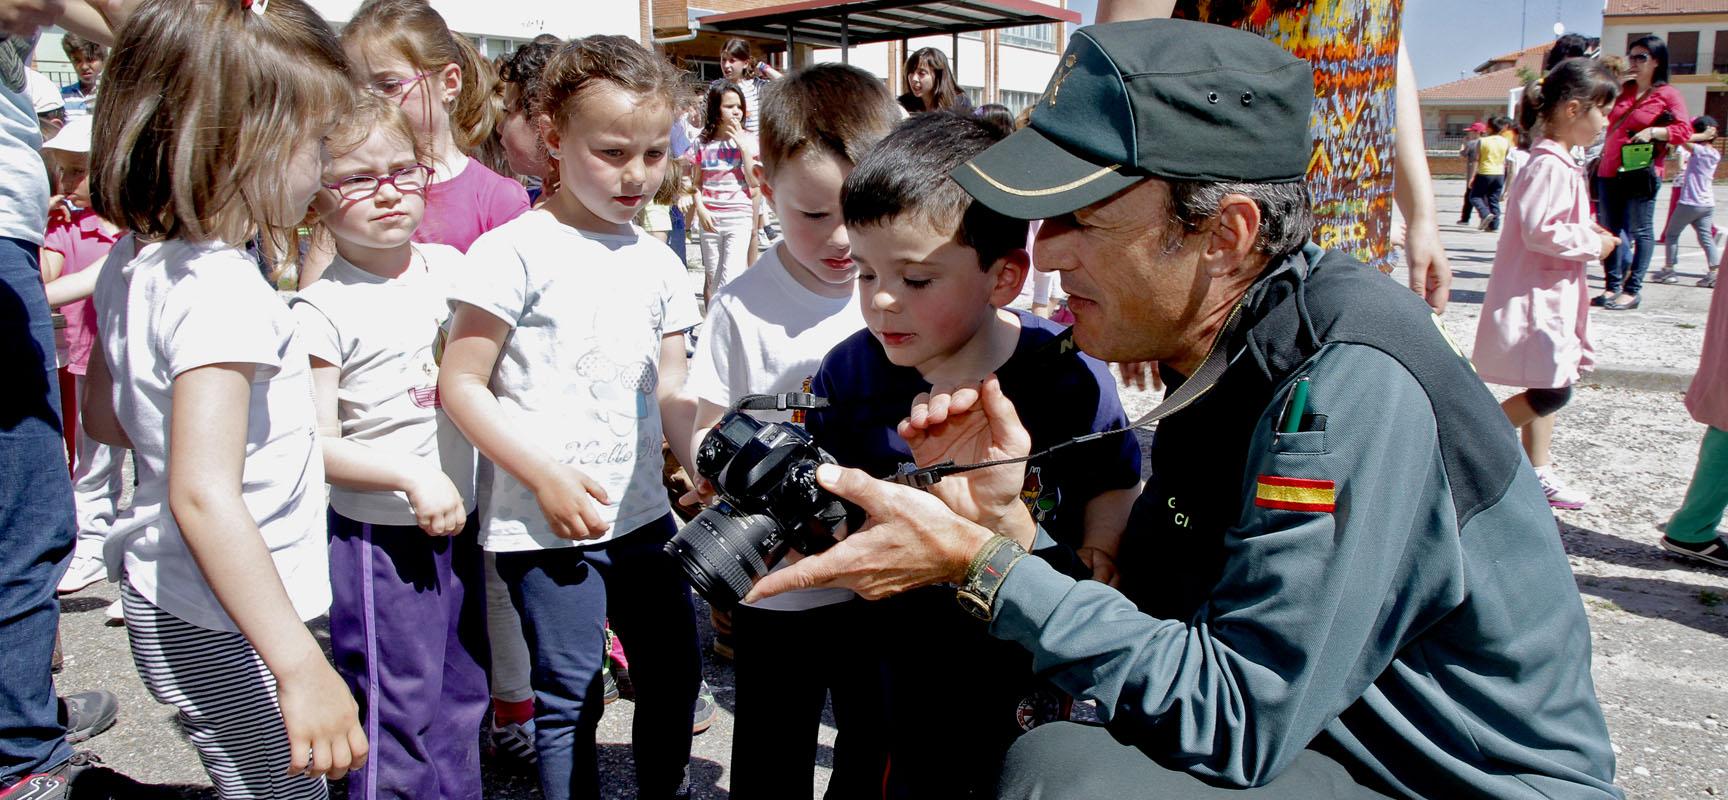 Un agente muestra a los niños las imágenes tomadas con su cámara.||Foto: Gabriel Gómez||.